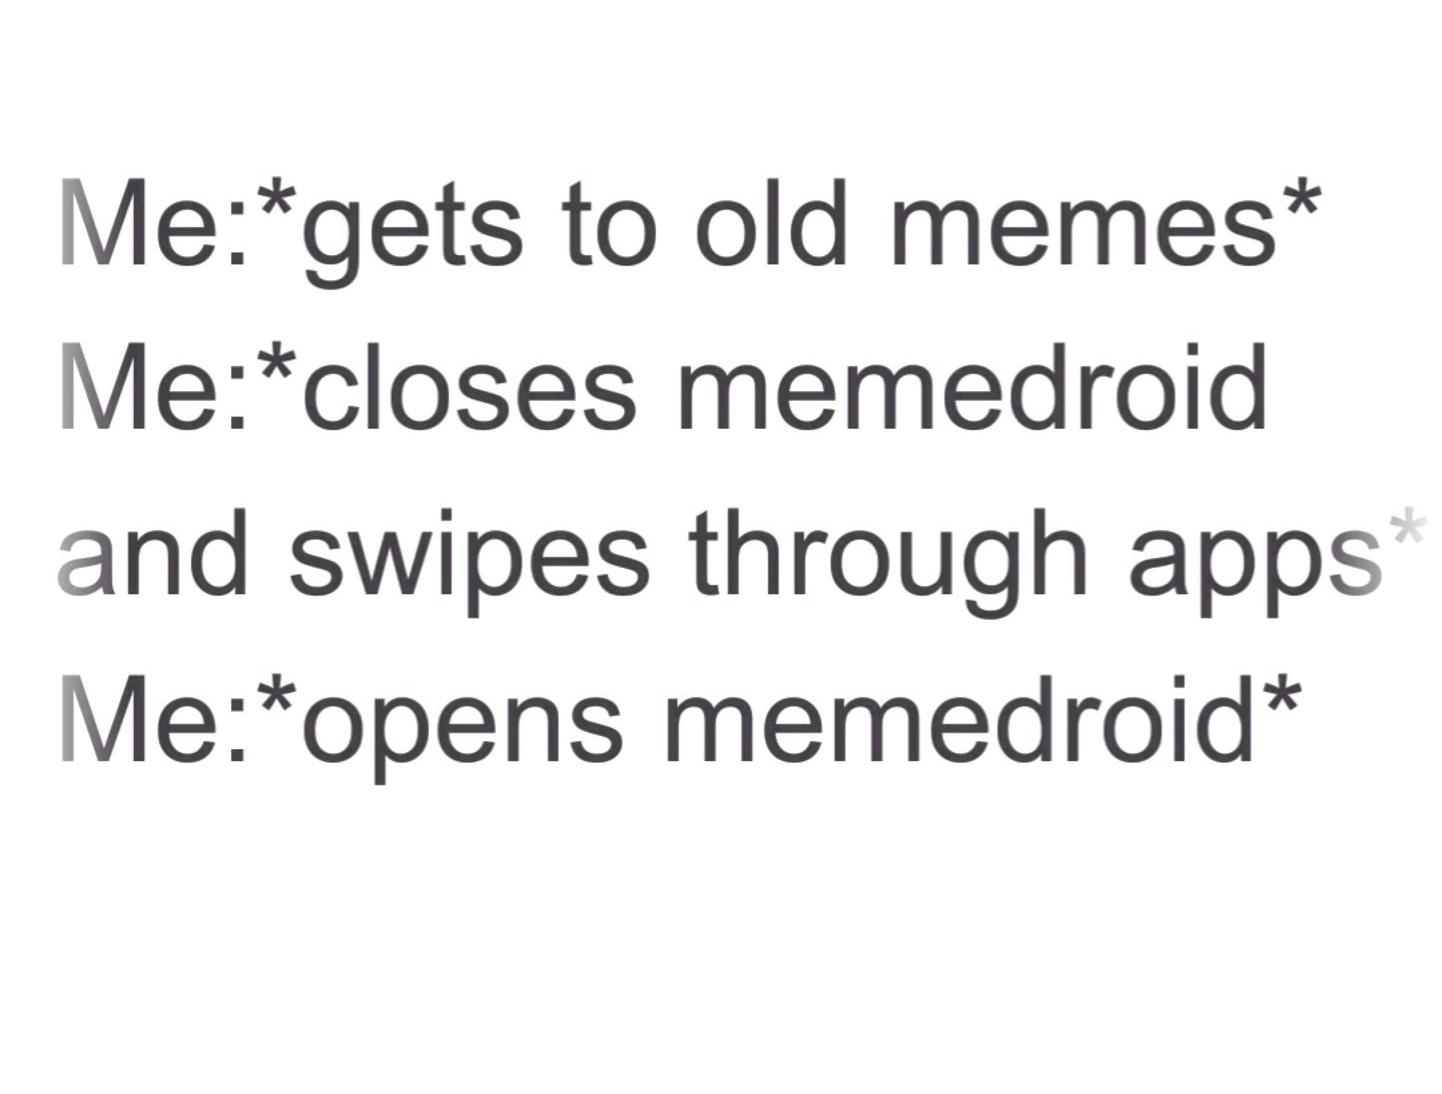 Oldie, but still relevant dammit! - meme